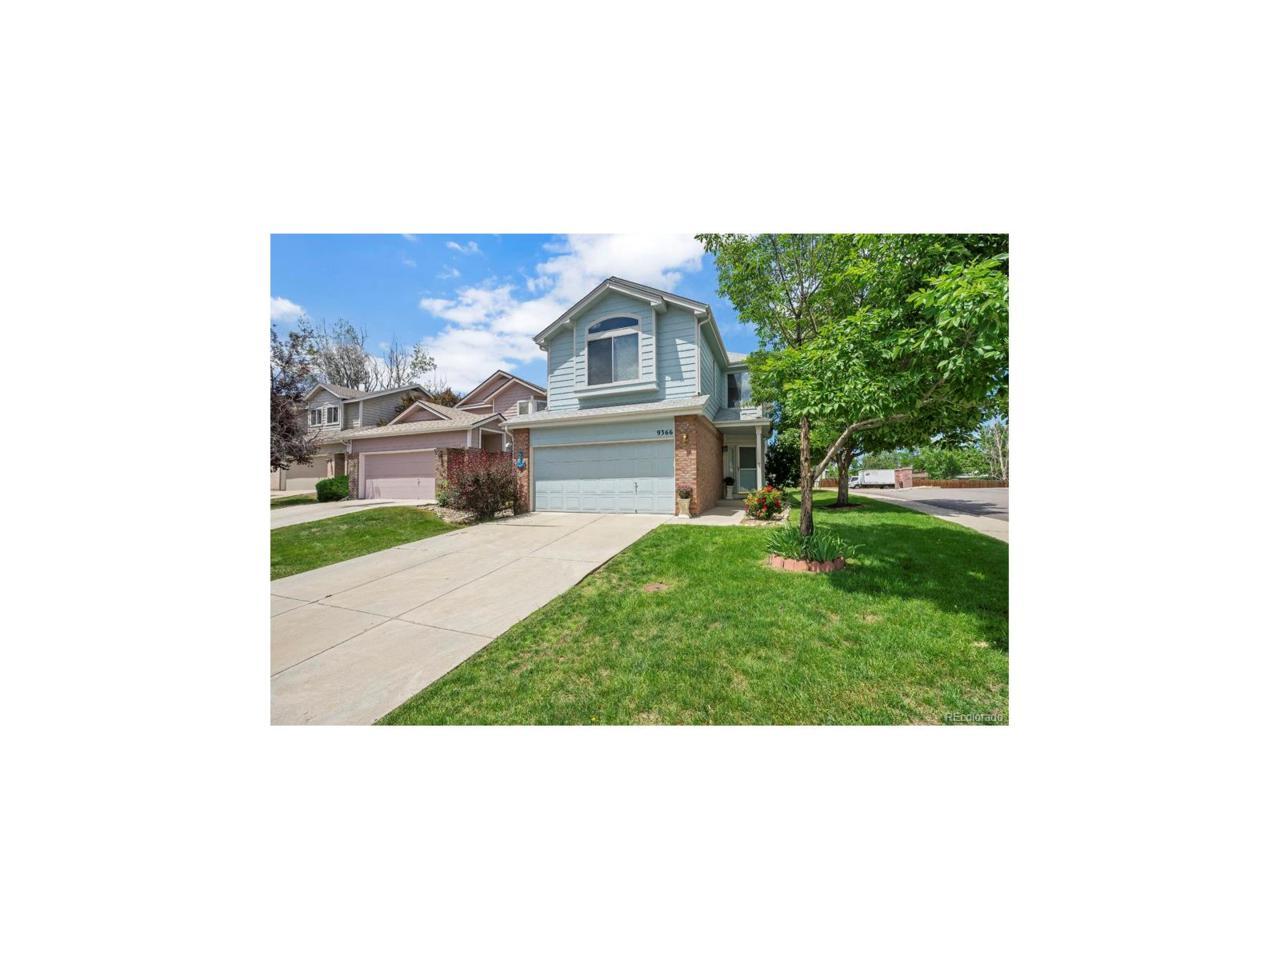 9366 W Coal Mine Avenue, Littleton, CO 80123 (MLS #4103562) :: 8z Real Estate